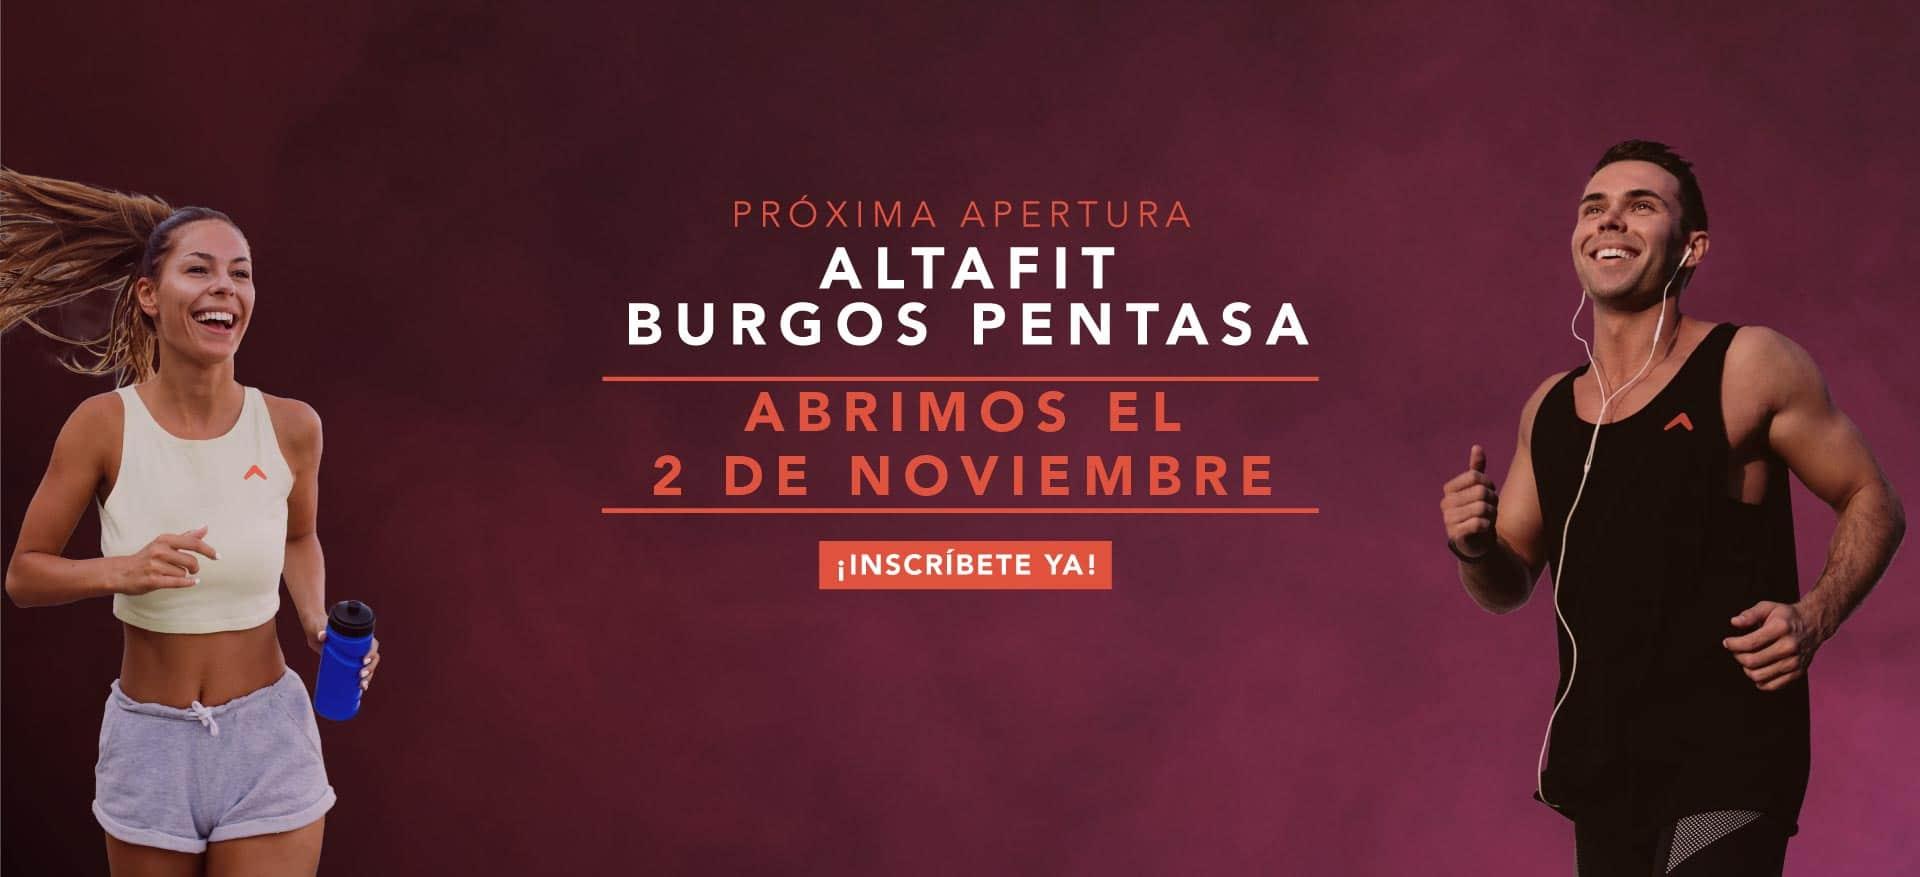 Burgos-Pentasa-inscribete-headerAP